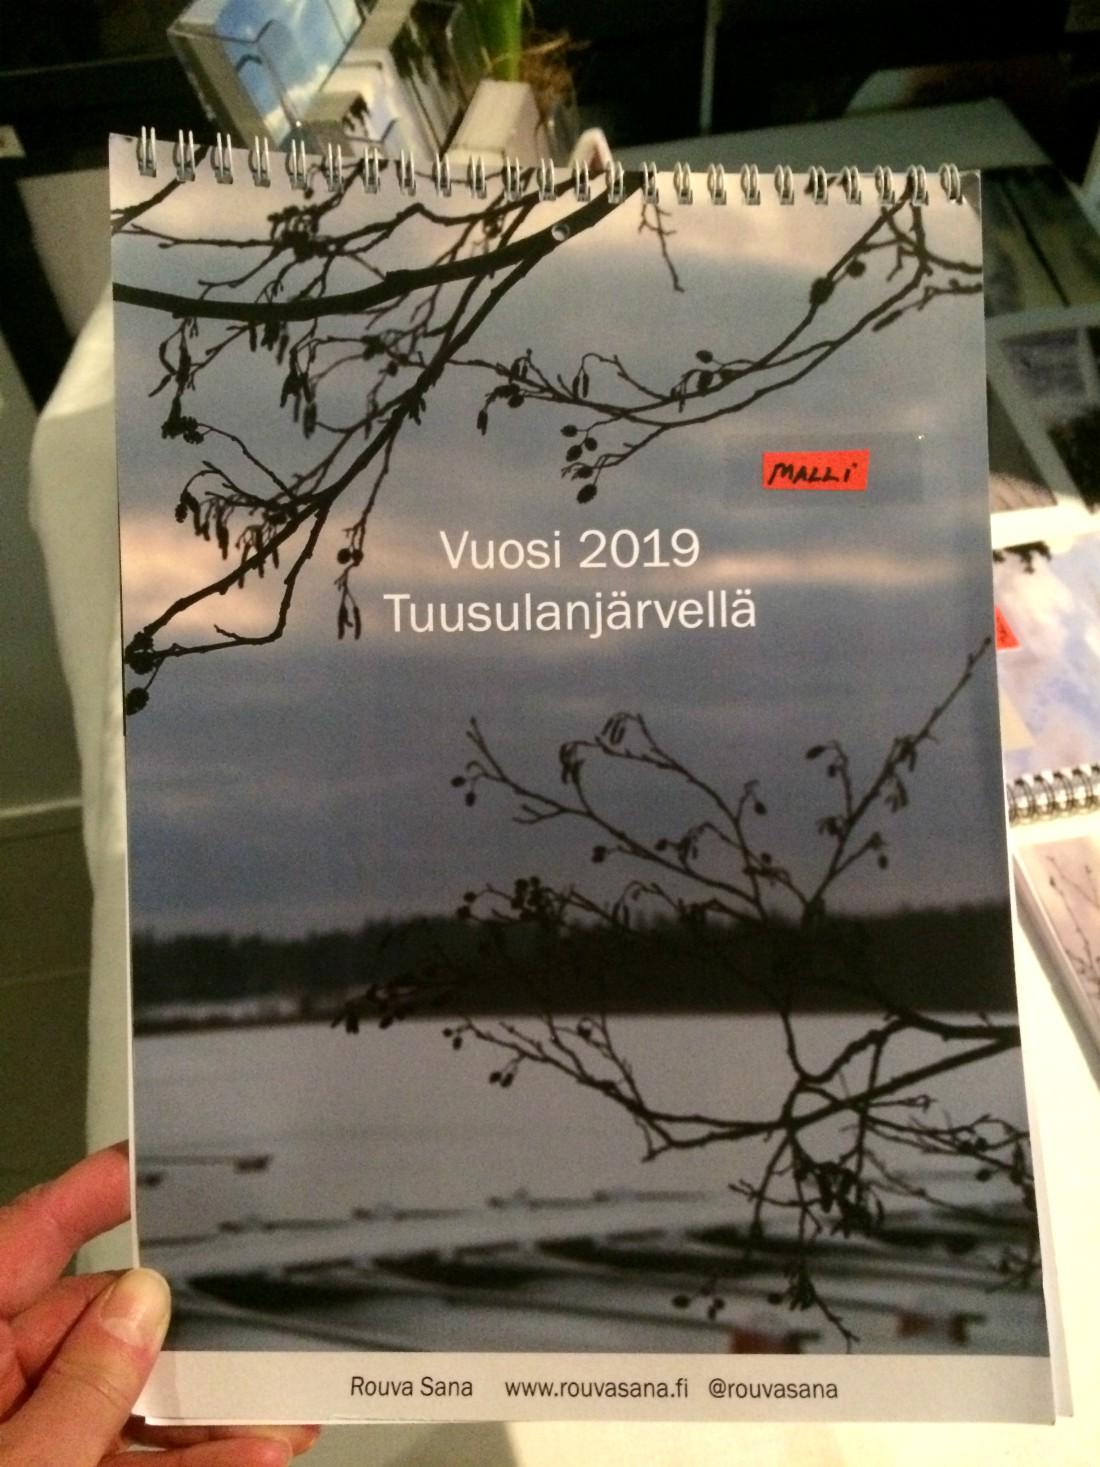 Rouva Sanan joulu, Vuosi 2019 Tuusulanjärvellä, Tuusulanjärvi-seinäkalenteri, Tuusulanjärvi